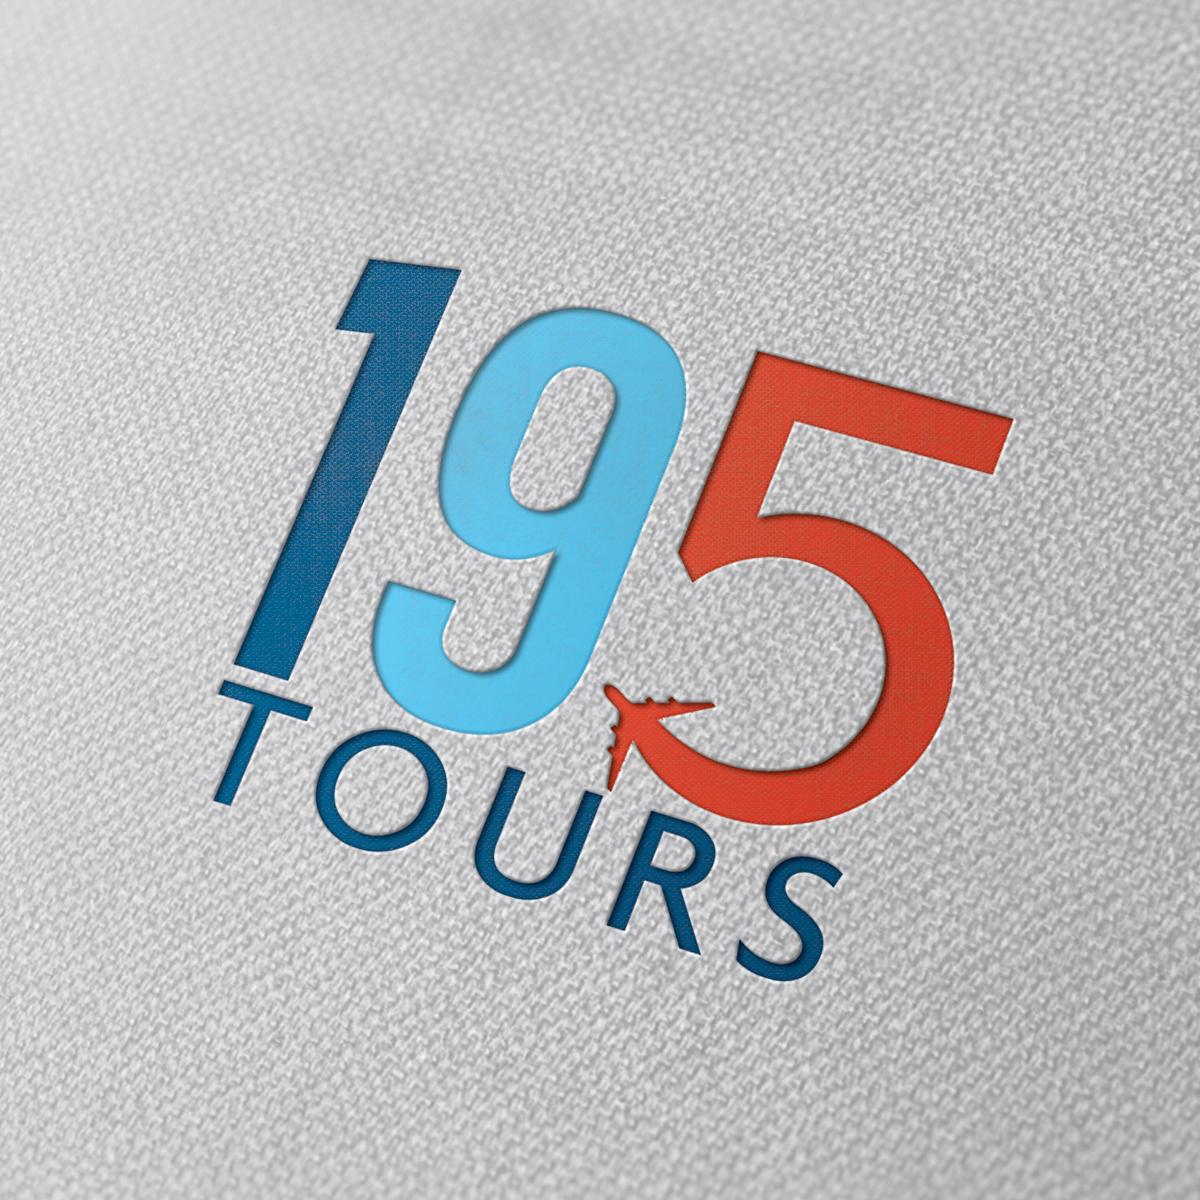 195TOURS_2